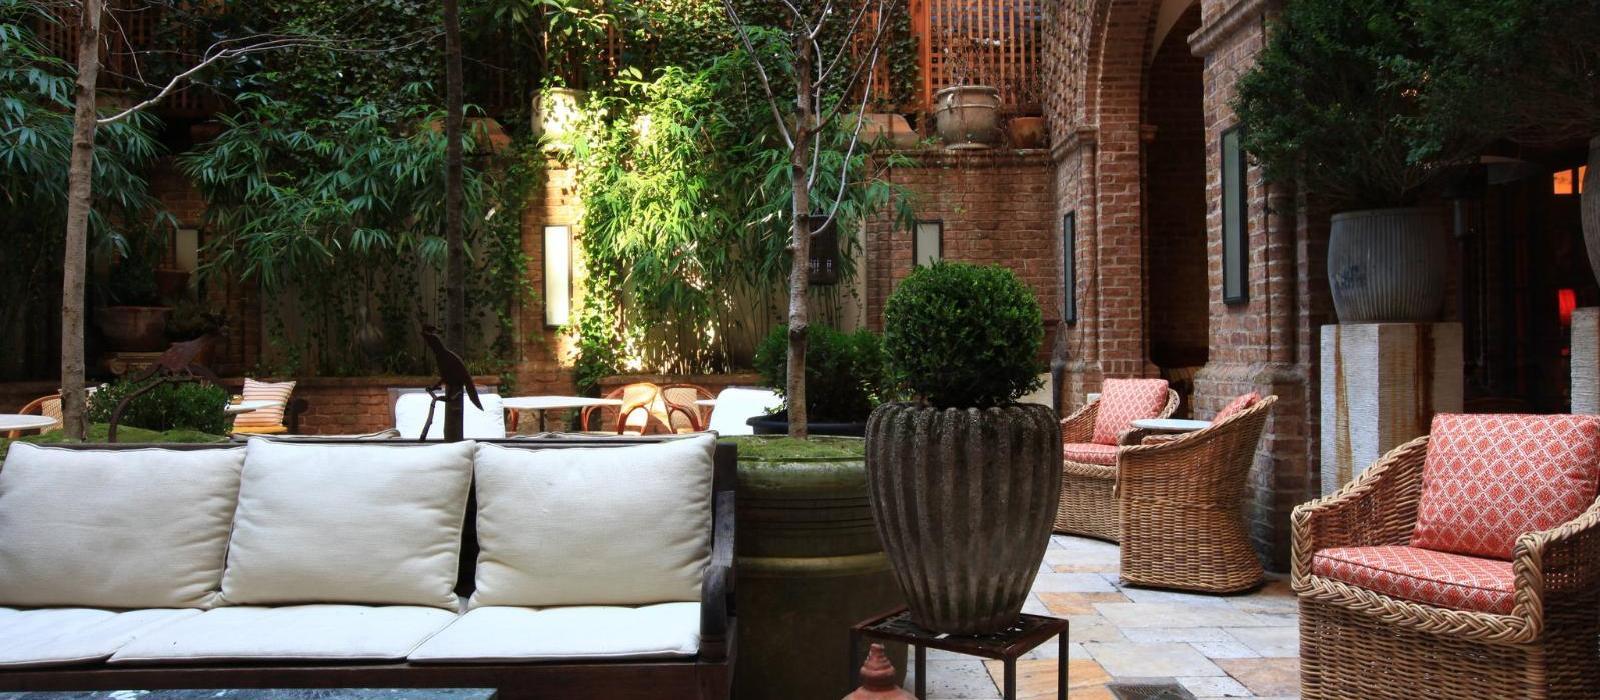 格林威治奢逸酒店(The Greenwich Hotel) 图片  www.lhw.cn